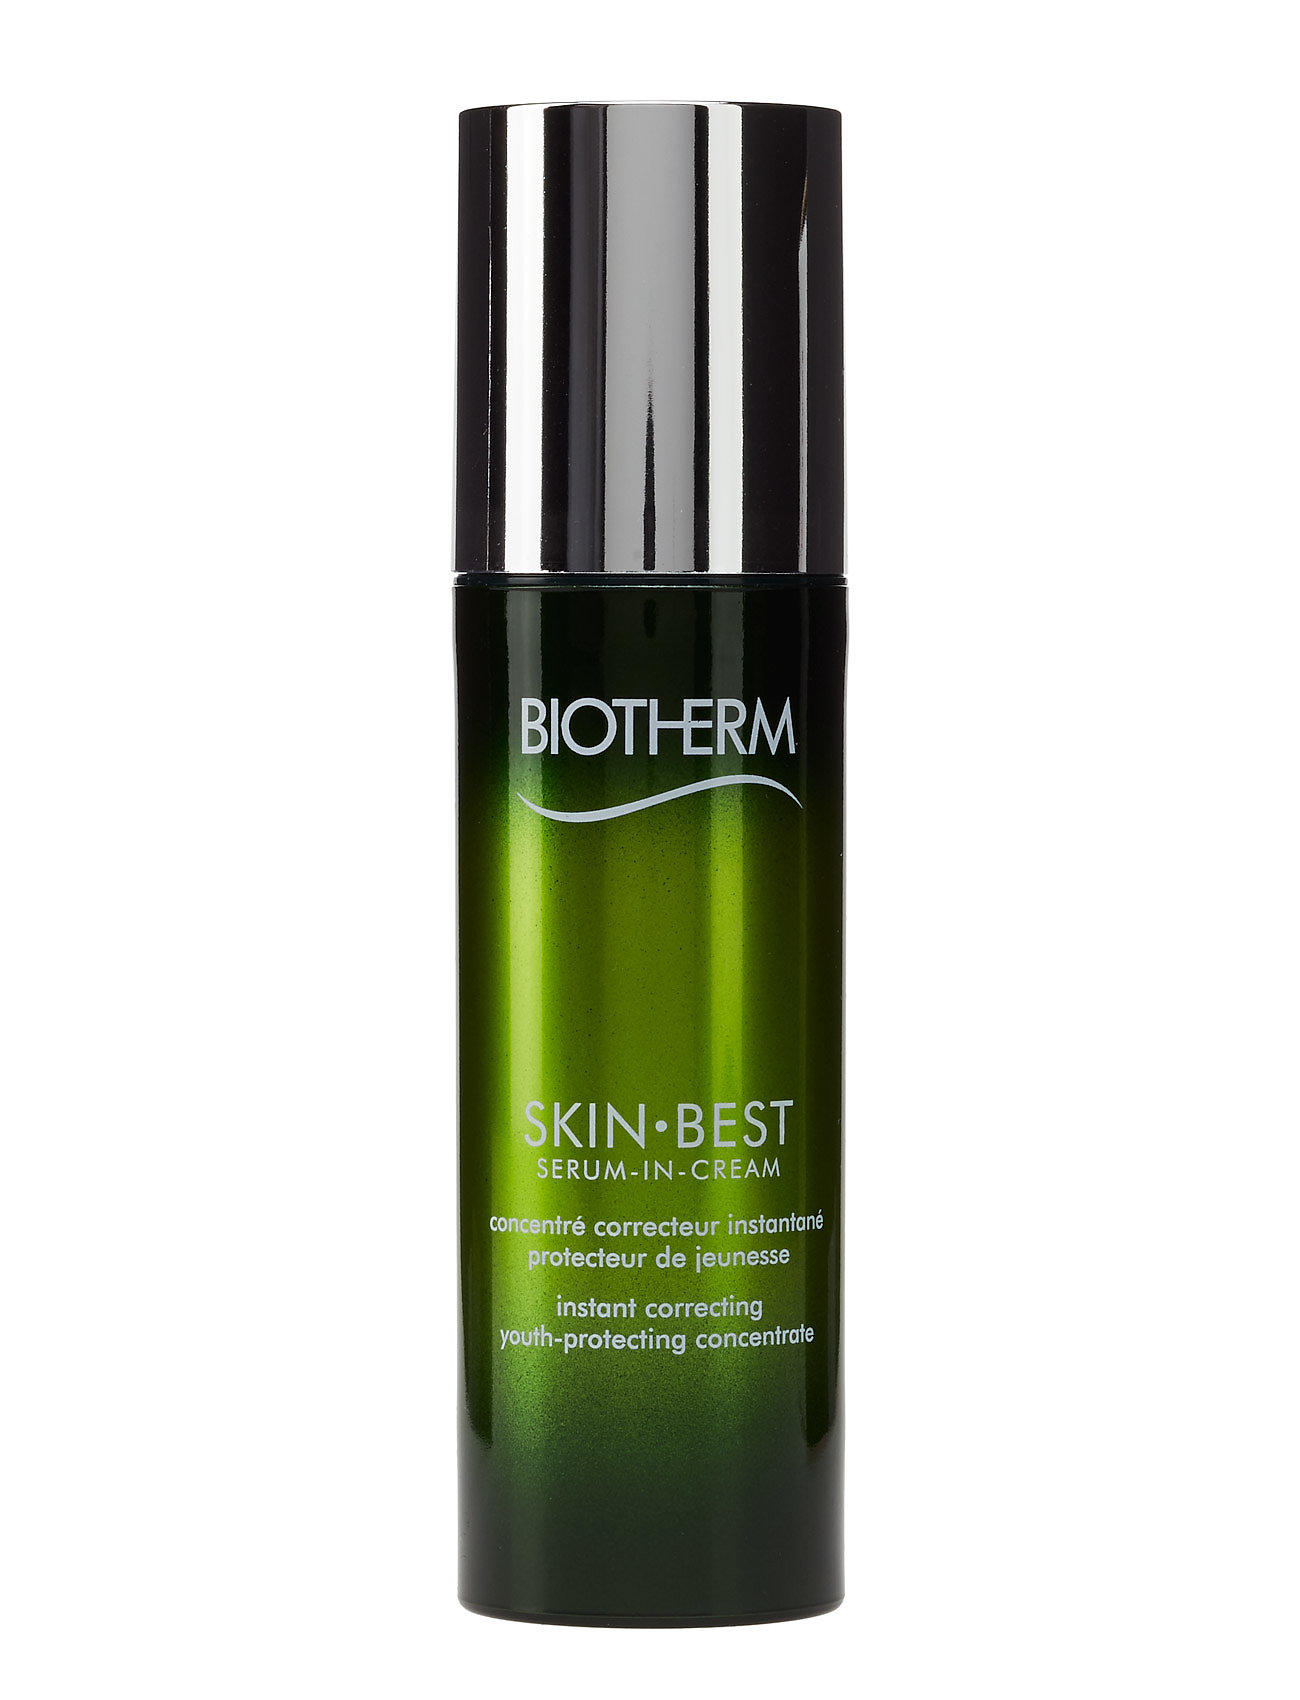 biotherm – Skin best serum-in-cream 50 ml. fra boozt.com dk